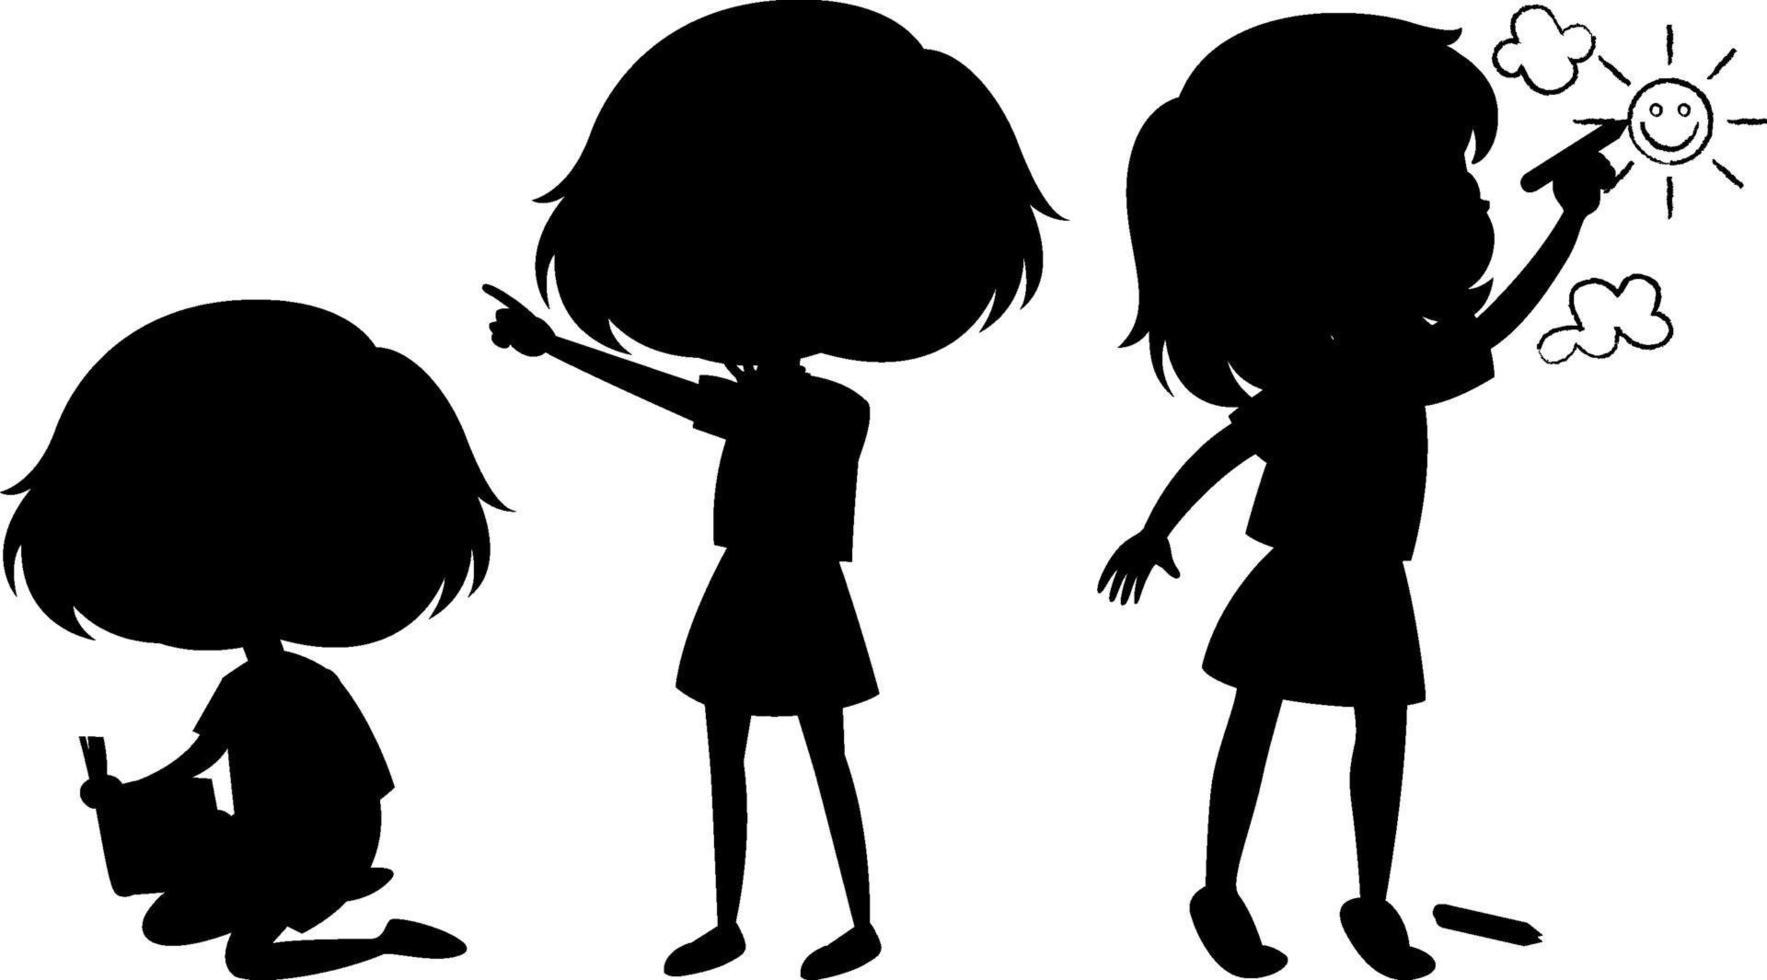 Zeichentrickfigur der Kinderschattenbild auf weißem Hintergrund vektor